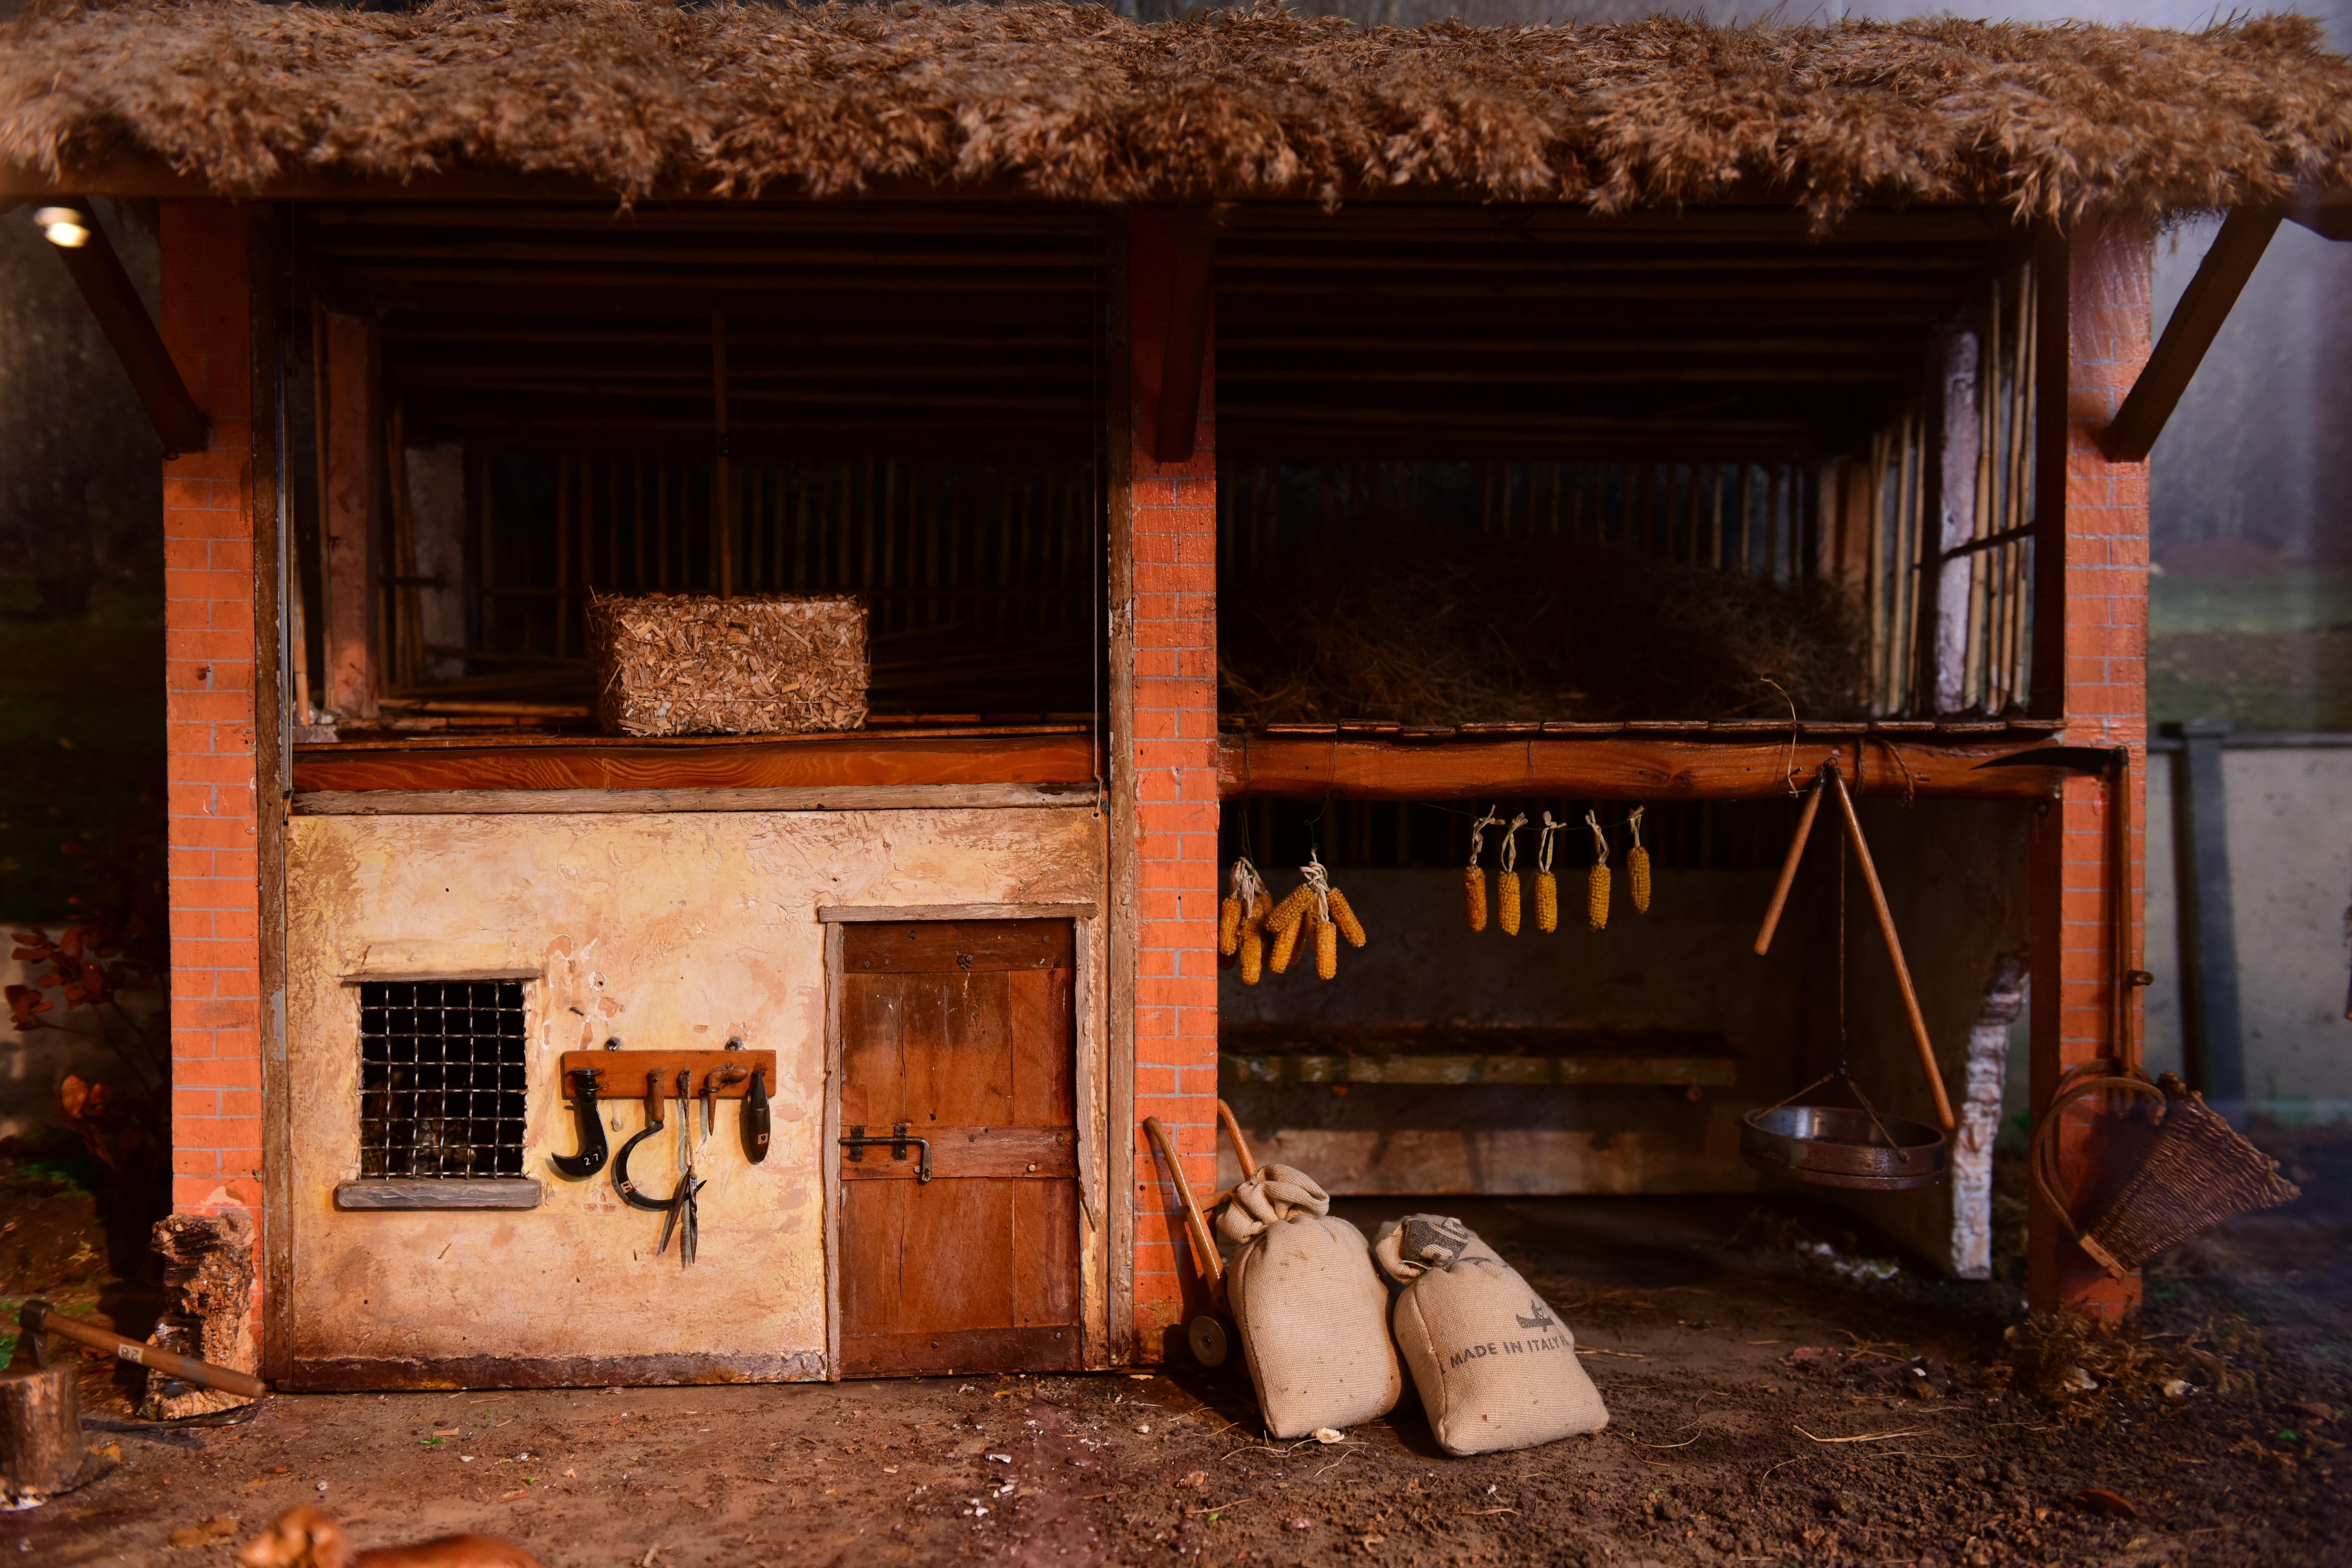 Cabane À Outils Bois images gratuites : bois, maison, grange, atmosphère, cabanon